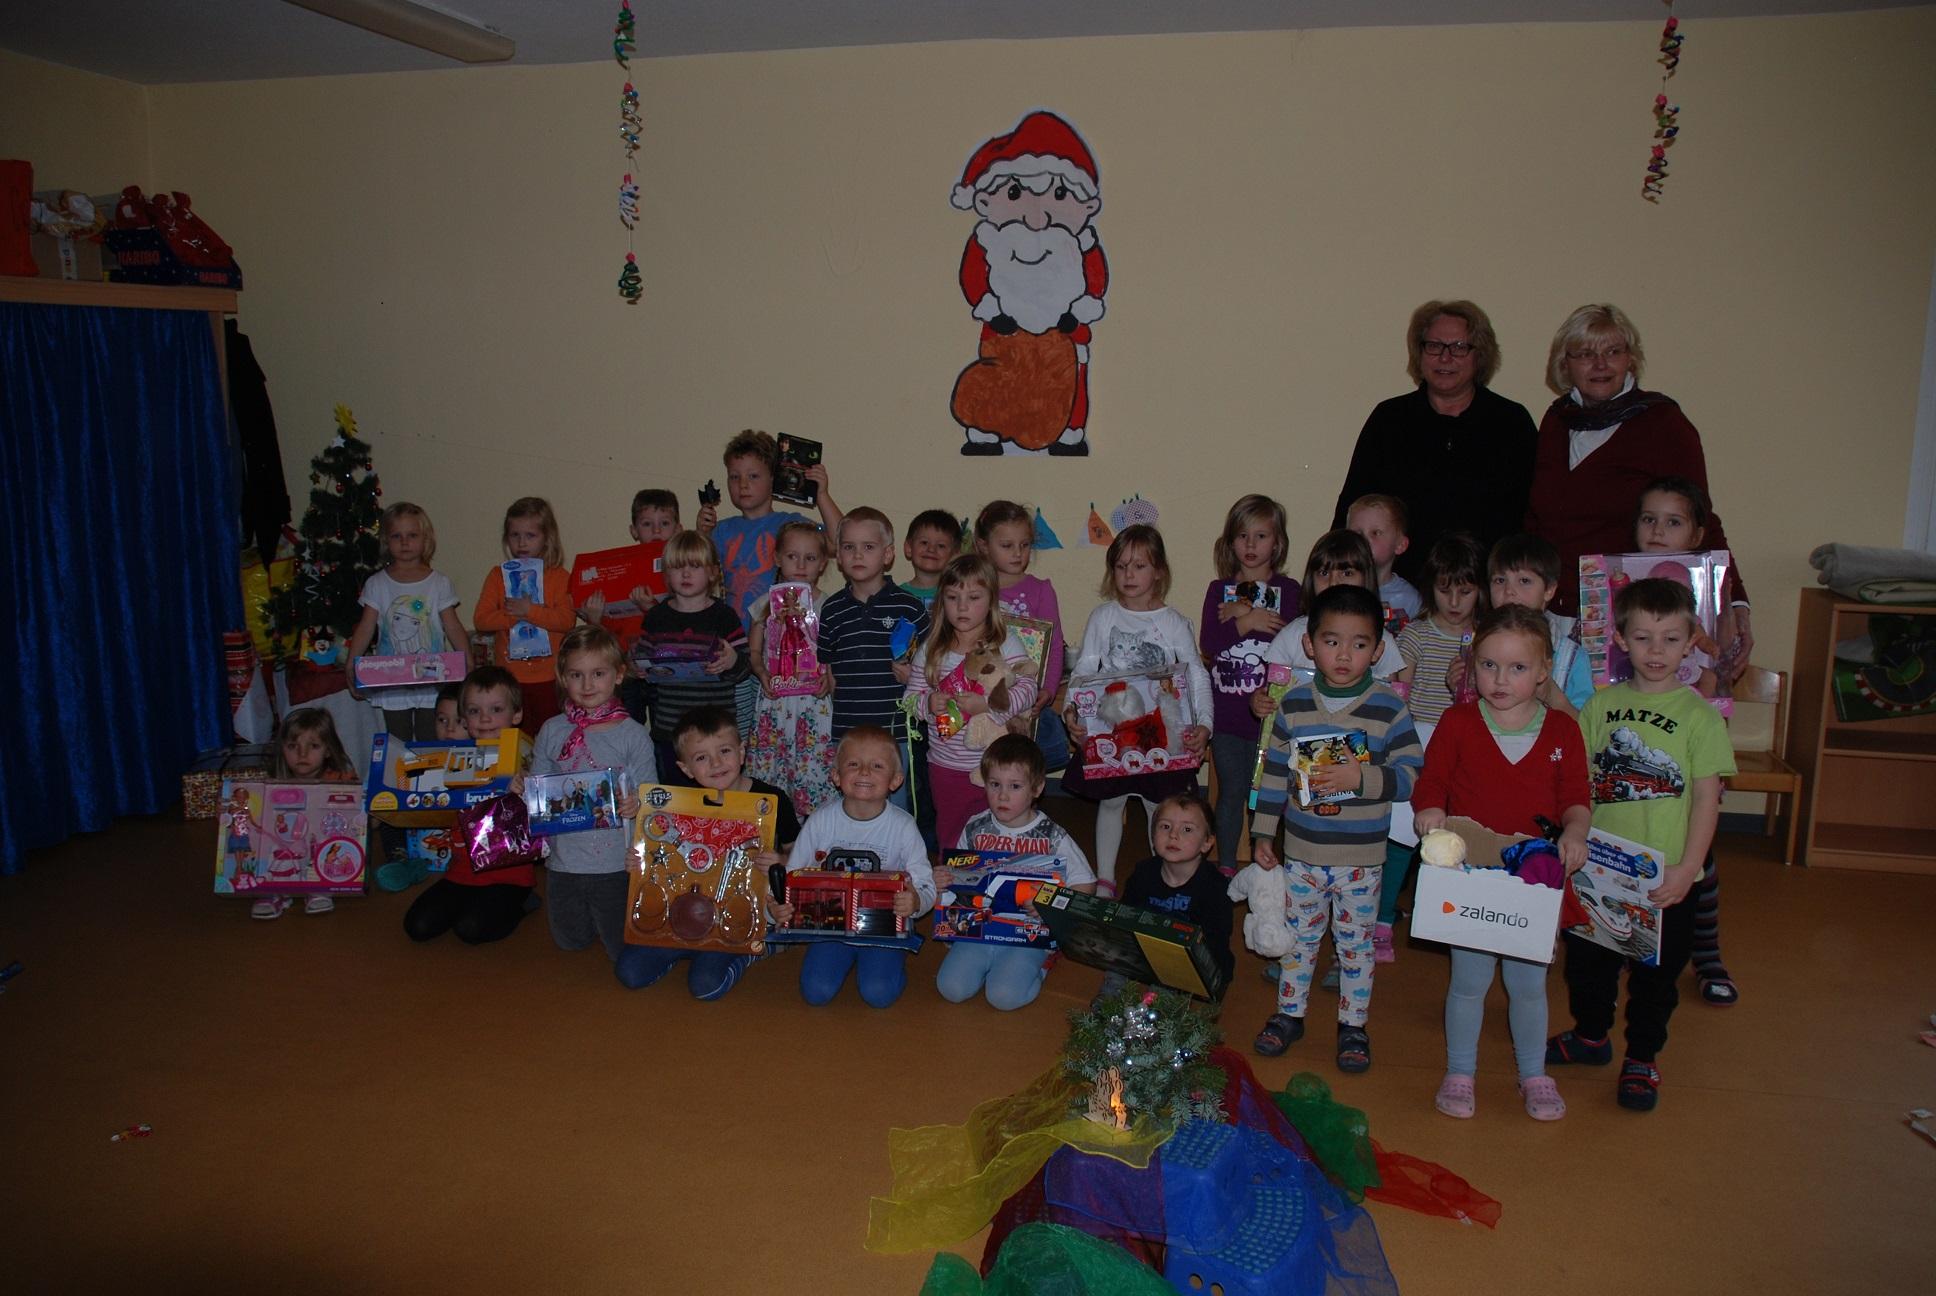 Weihnachtsgeschenke für 480 bedürftige Kinder - HalleSpektrum.de ...